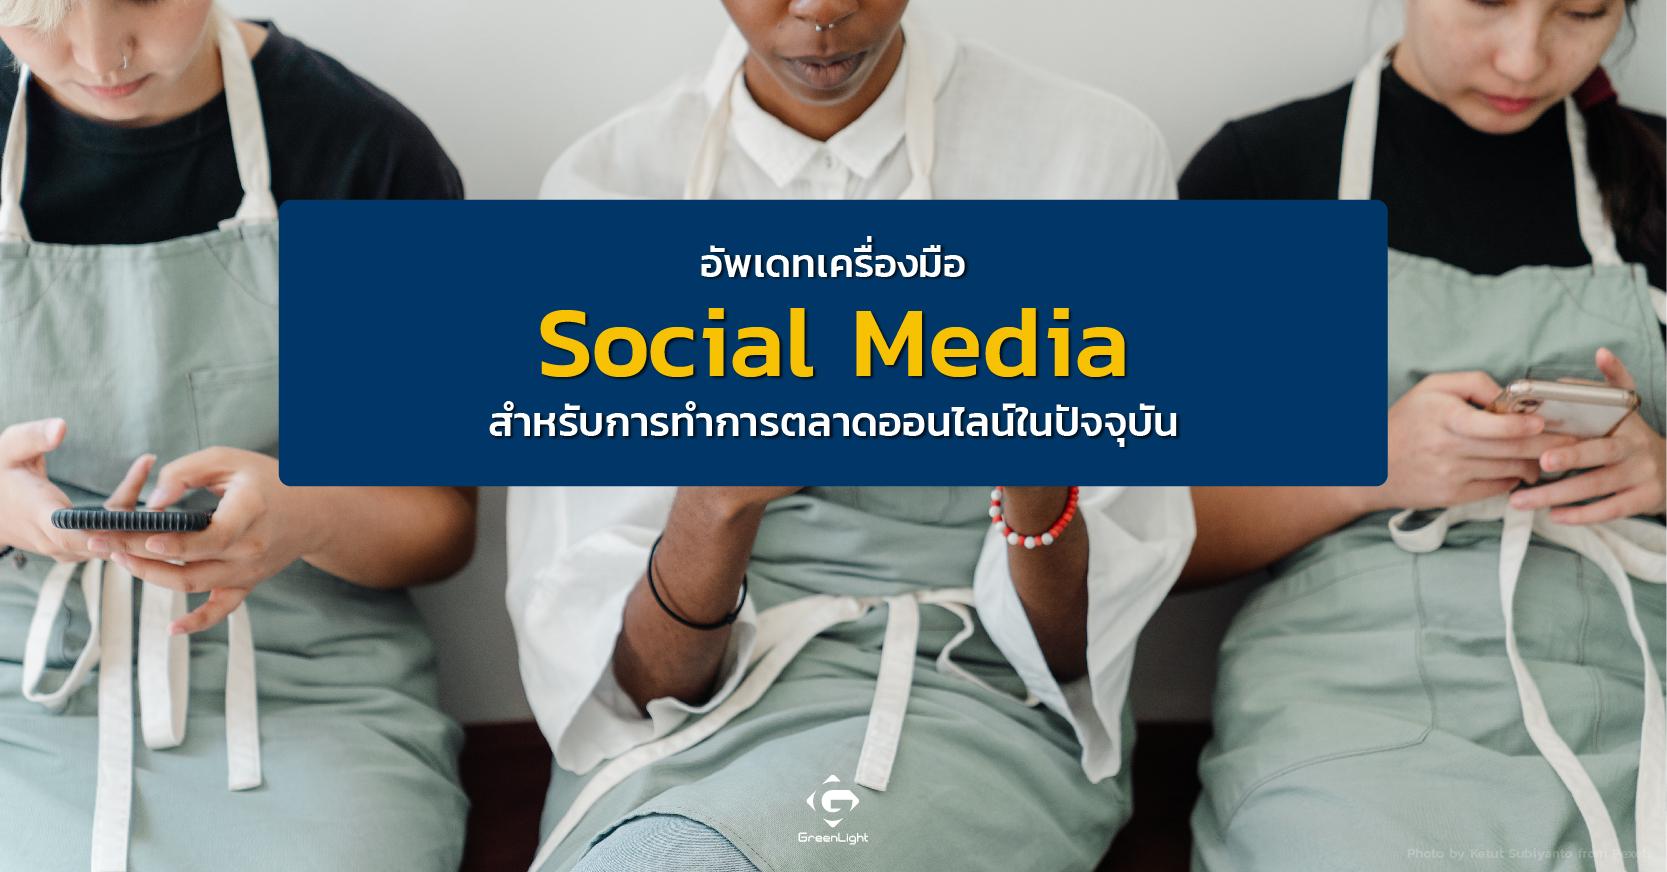 อัพเดทเครื่องมือ Social Media สำหรับการทำการตลาดออนไลน์ในปัจจุบัน